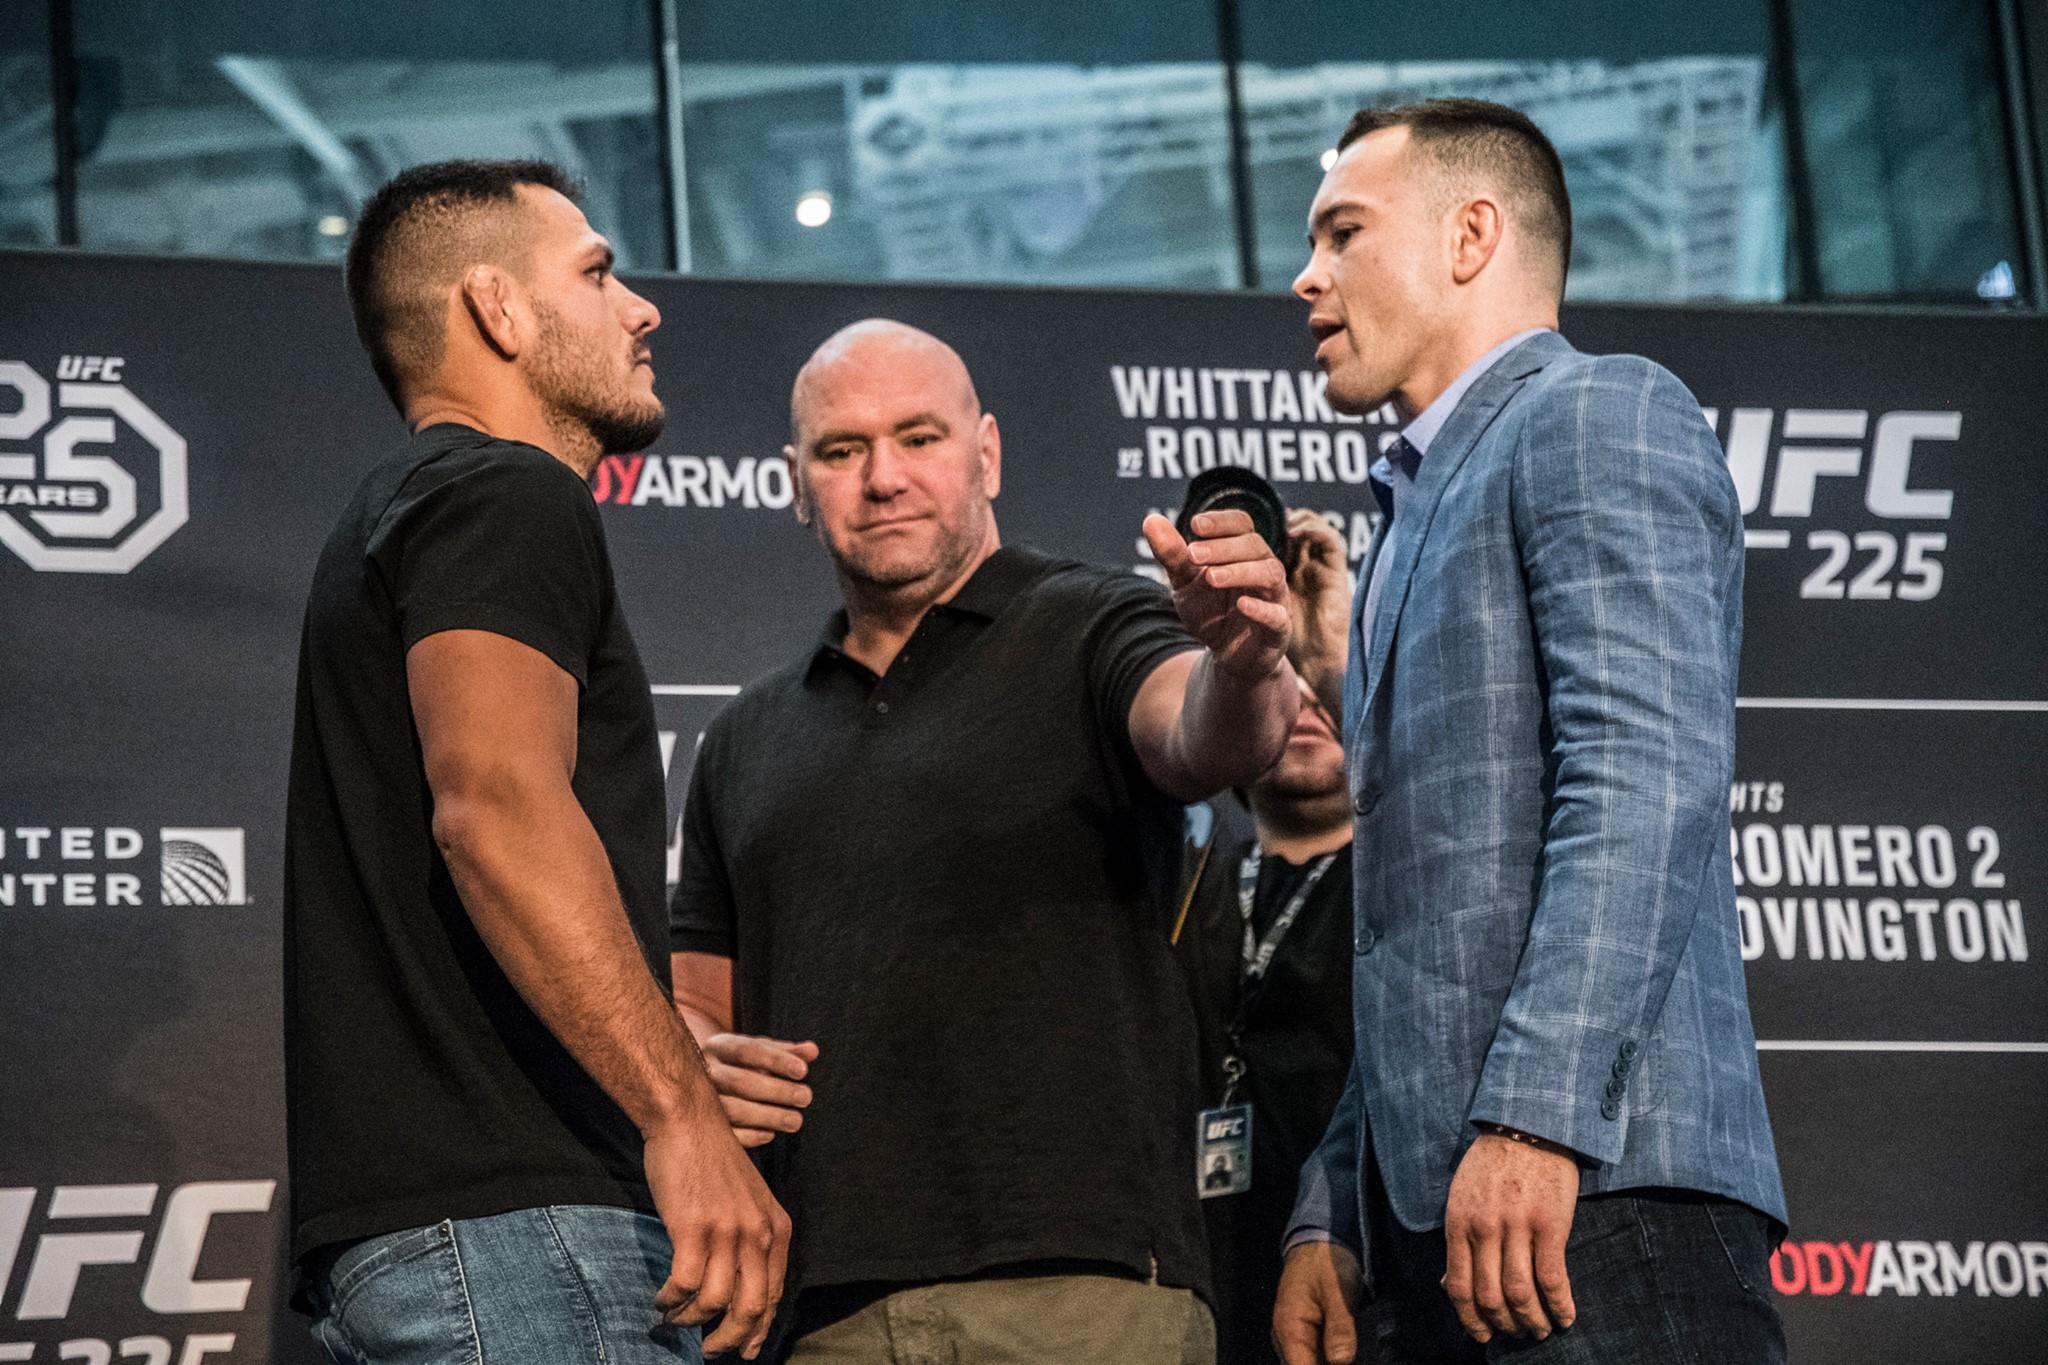 R. dos Anjos (E) e C. Covington (D) pesaram 76,7 kg e confirmaram a luta. Foto: Reprodução/FacebookUFC